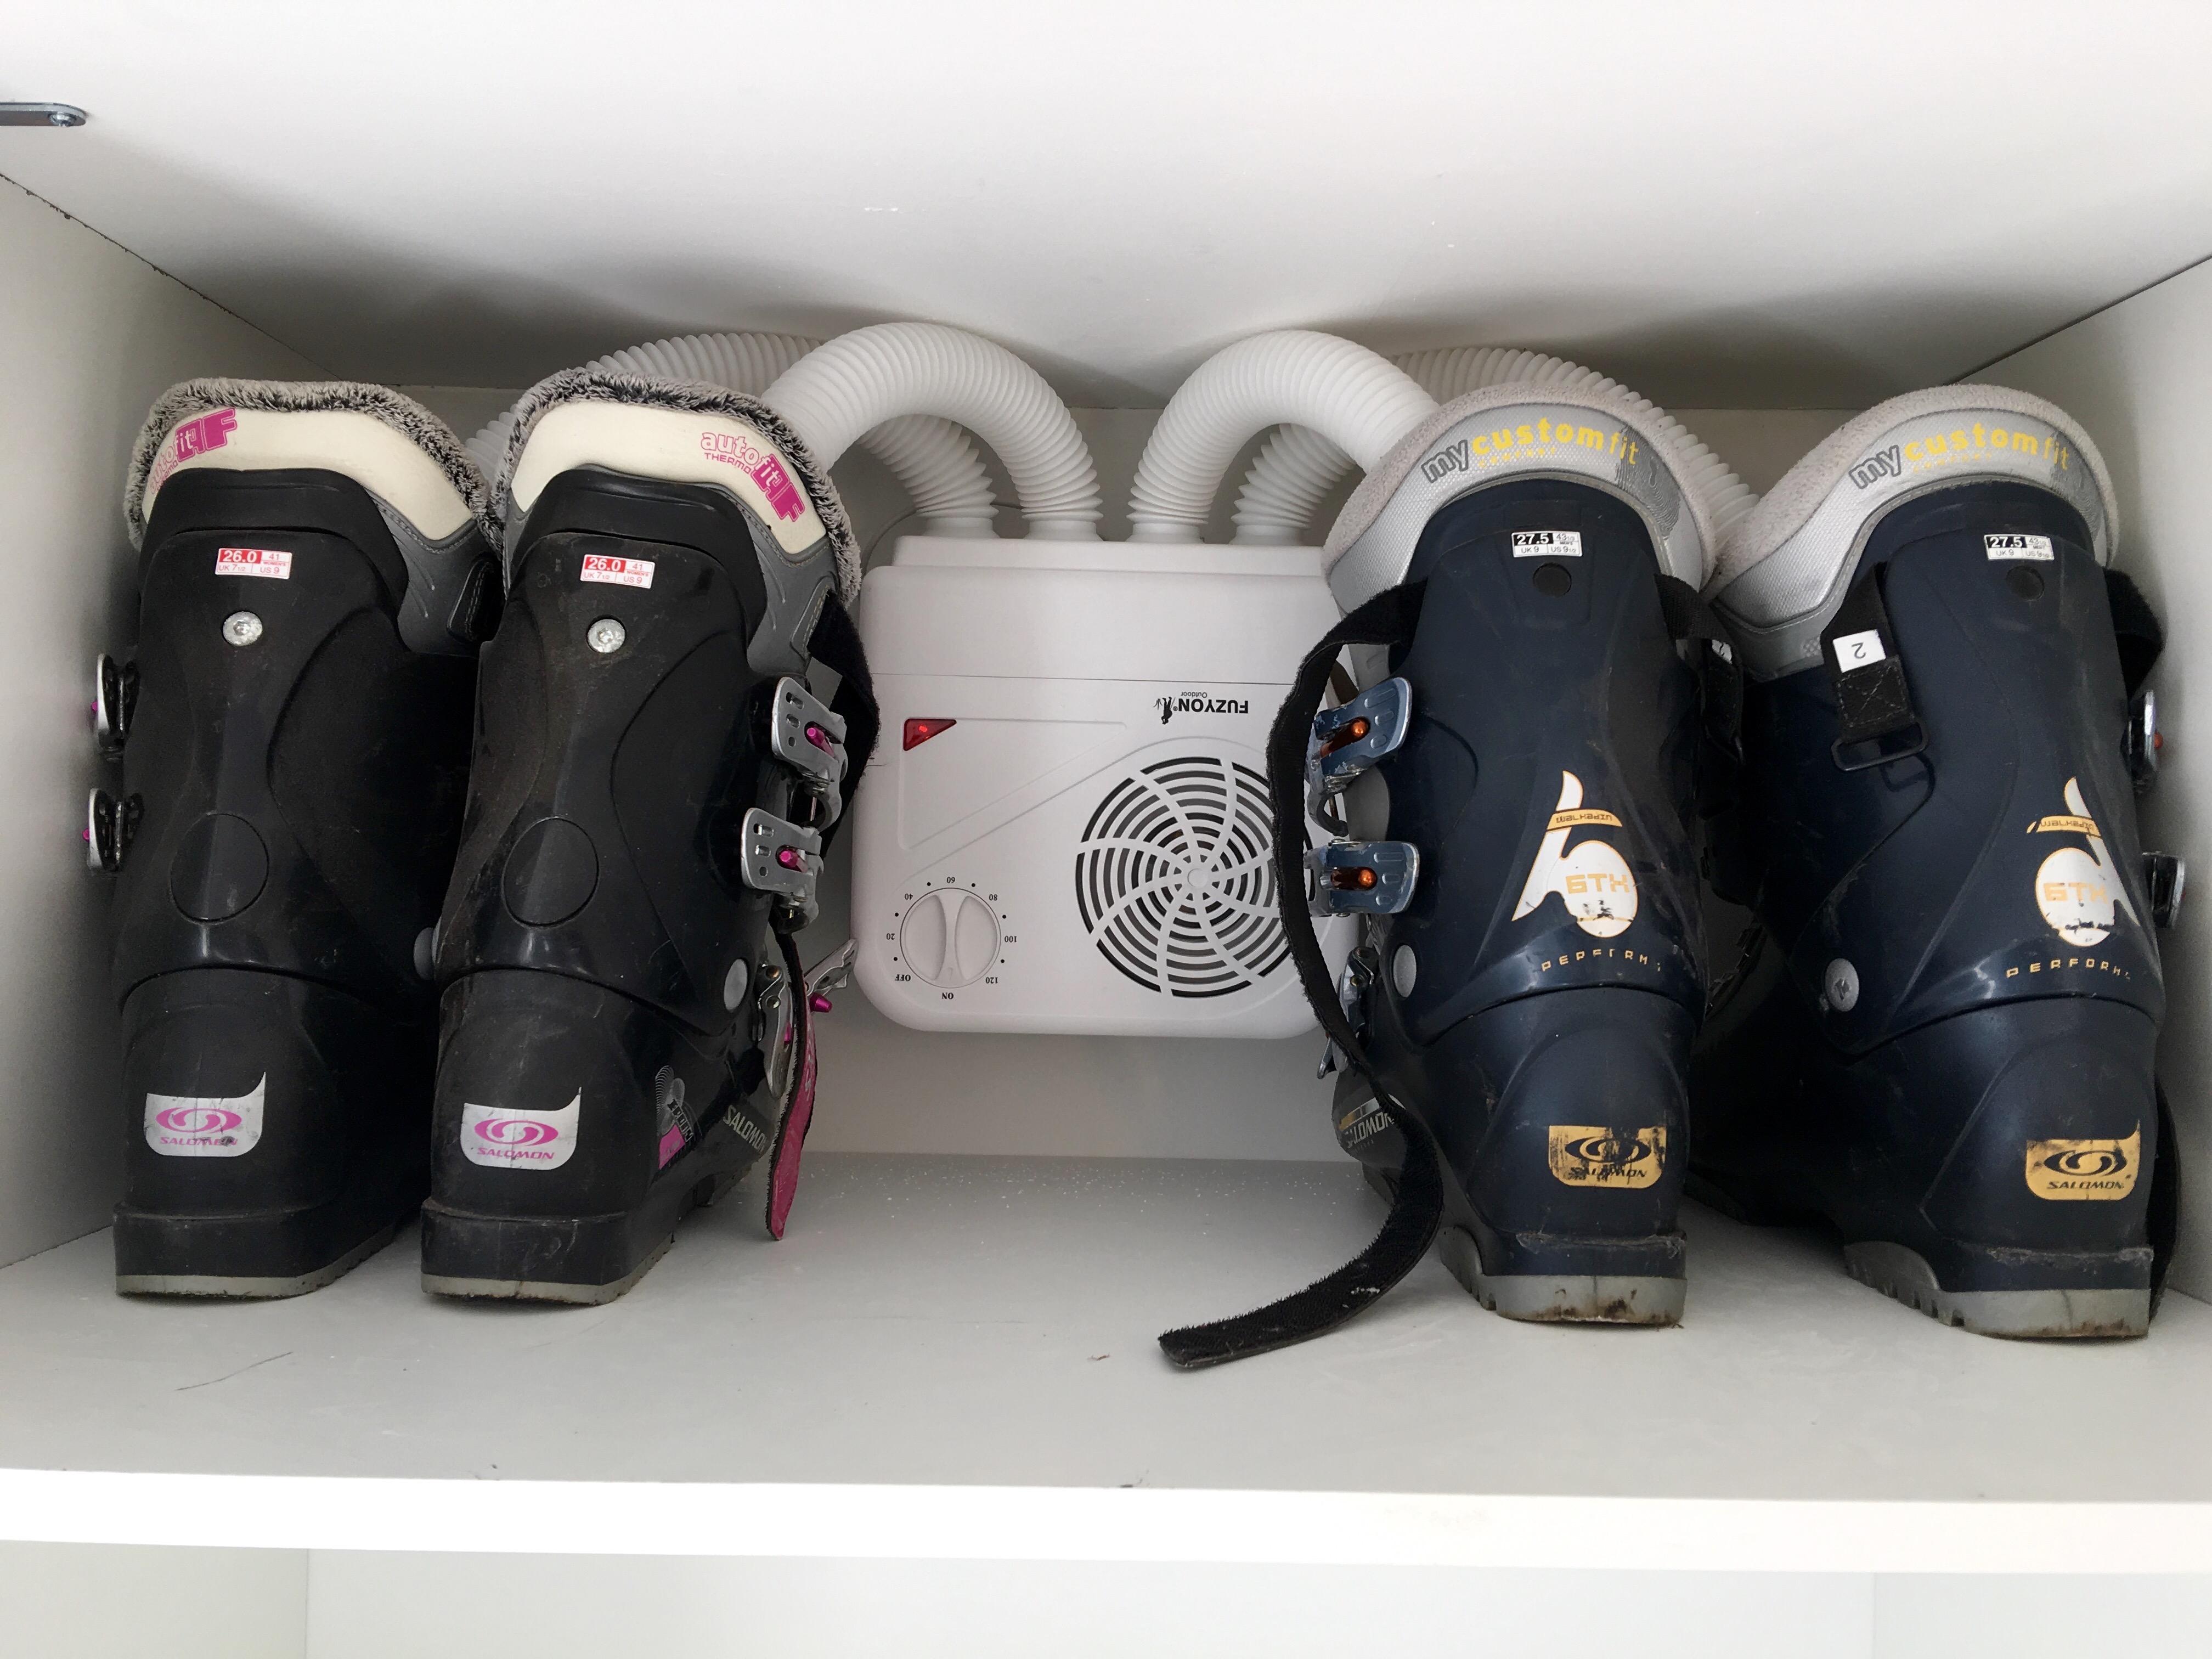 Les Gîtes de l'Alise, chauffe-bottes